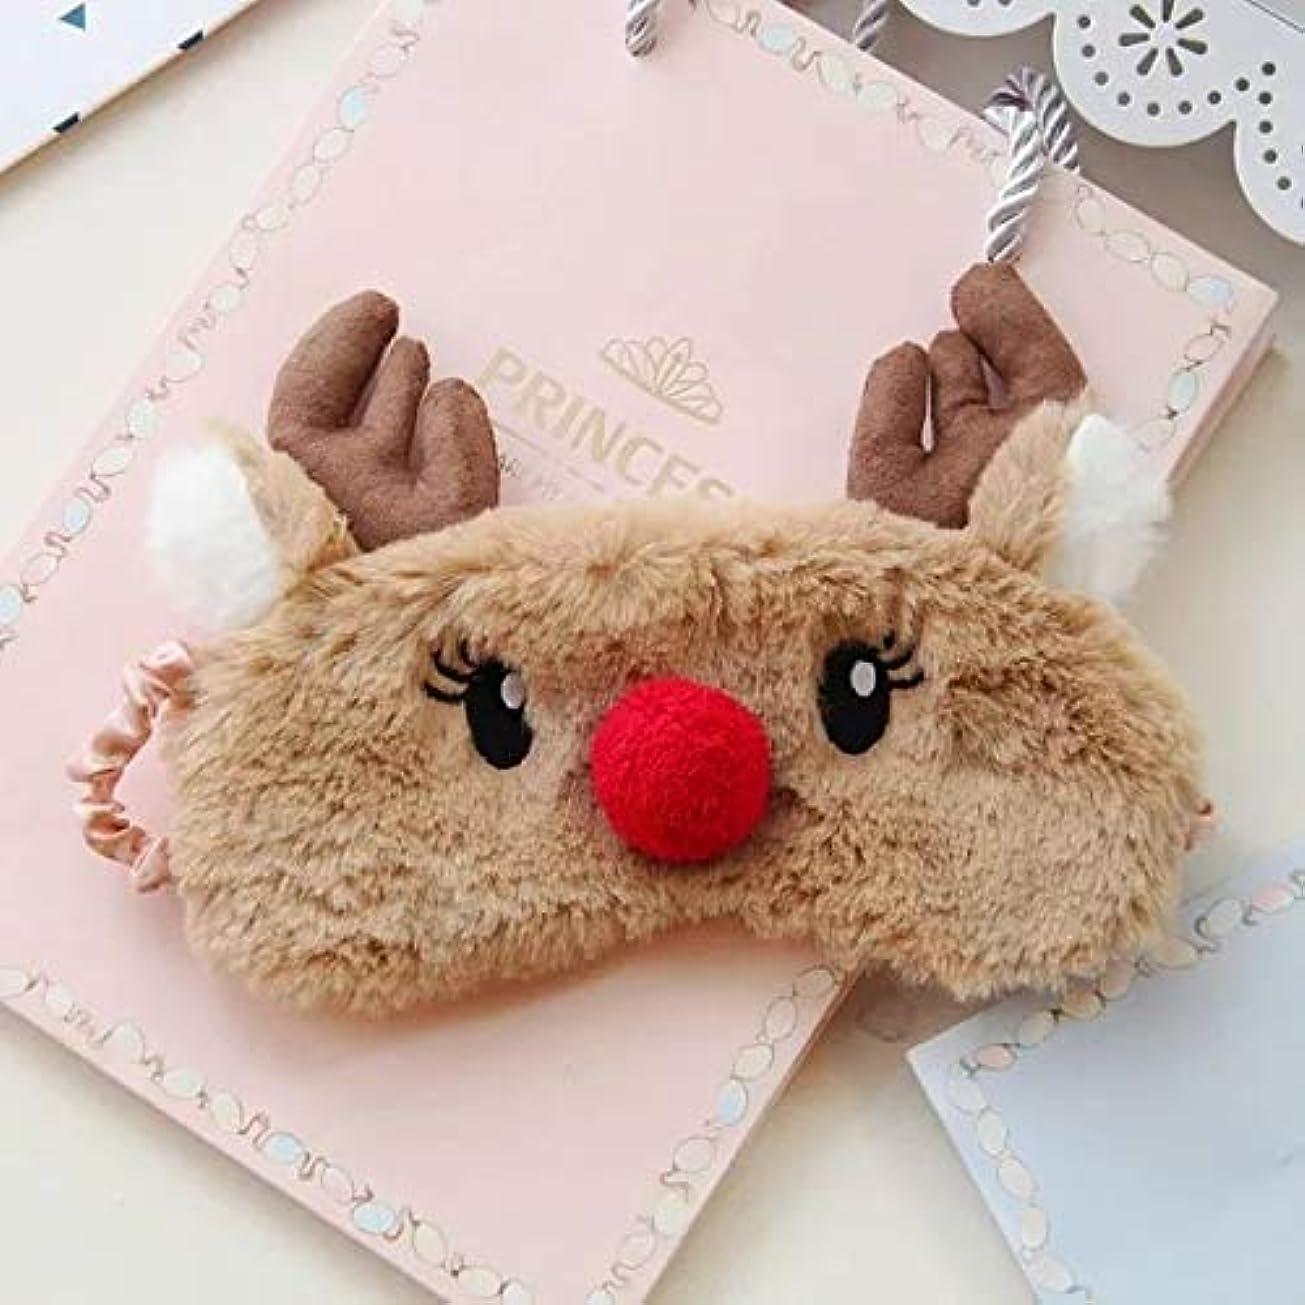 レンジフローティング株式会社NOTE ぬいぐるみアニマルアイカバースリーピングマスクアイパッチ包帯目隠しクリスマス鹿冬漫画ナップアイシェードぬいぐるみスリーピングマスク